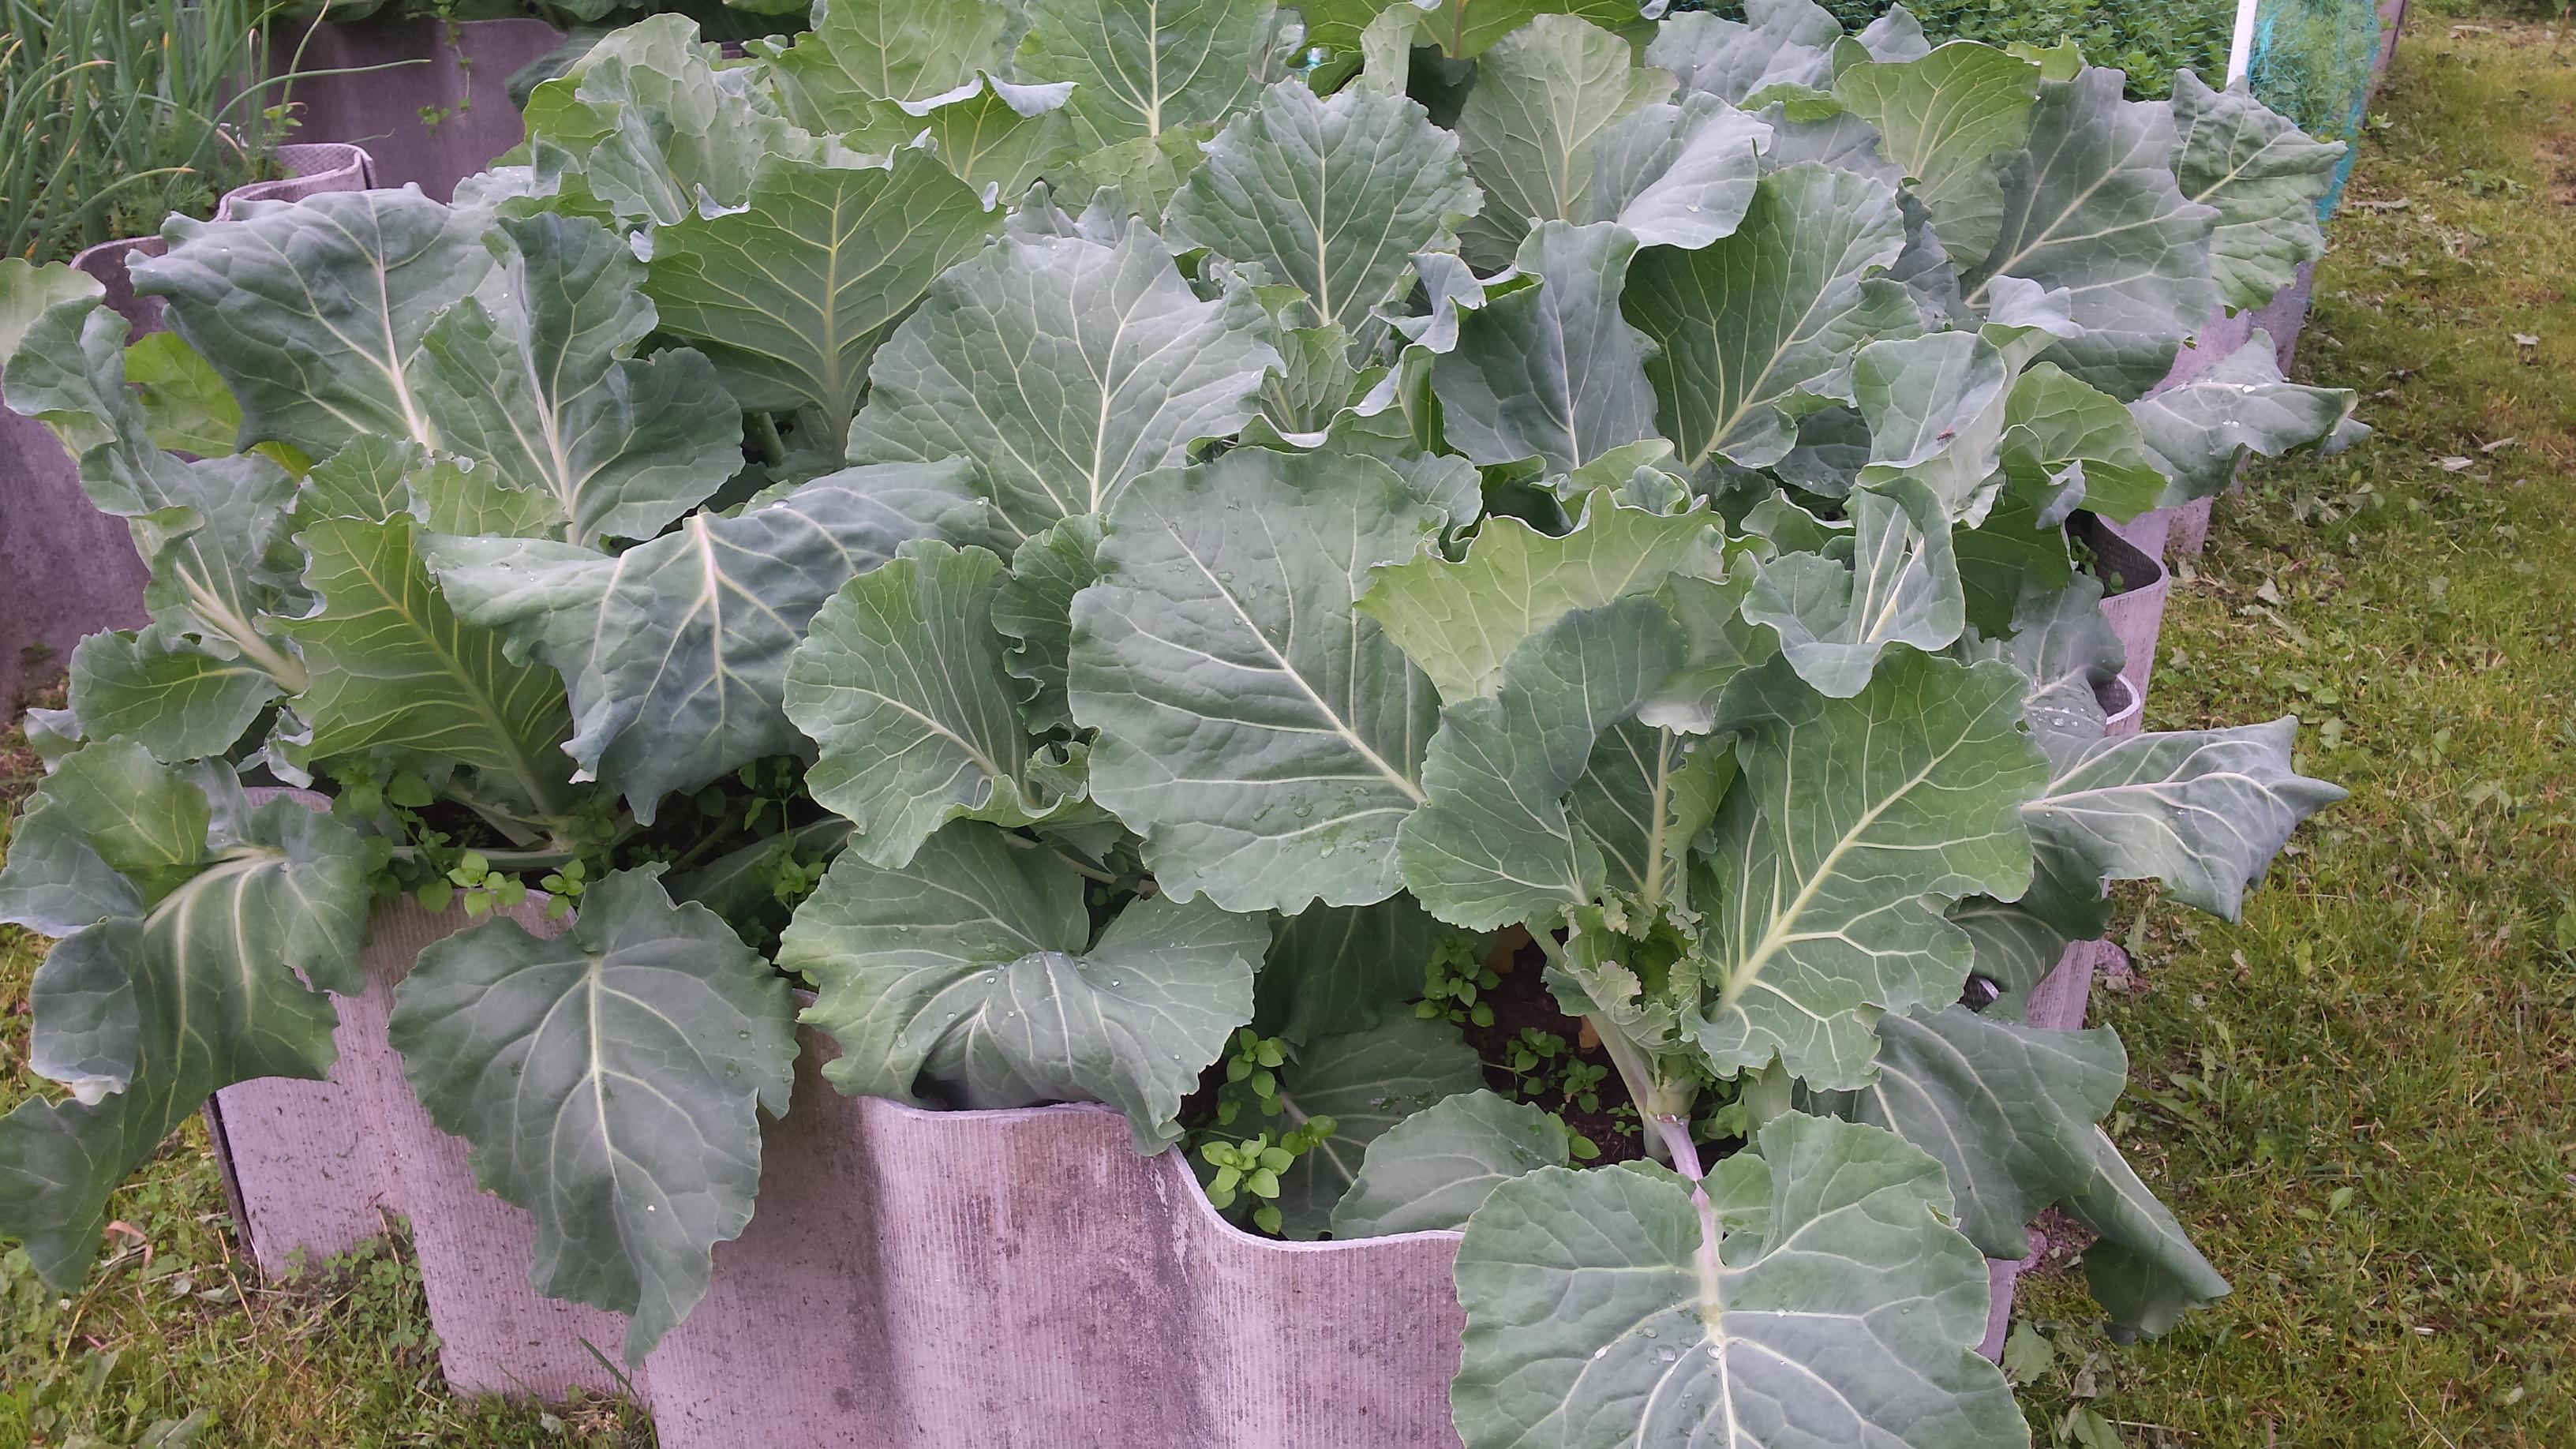 Защита огорода от летающих насекомых вредителей сеткой: 10 плюсов-капуста белокочанная под сеткой со дня высадки рассады